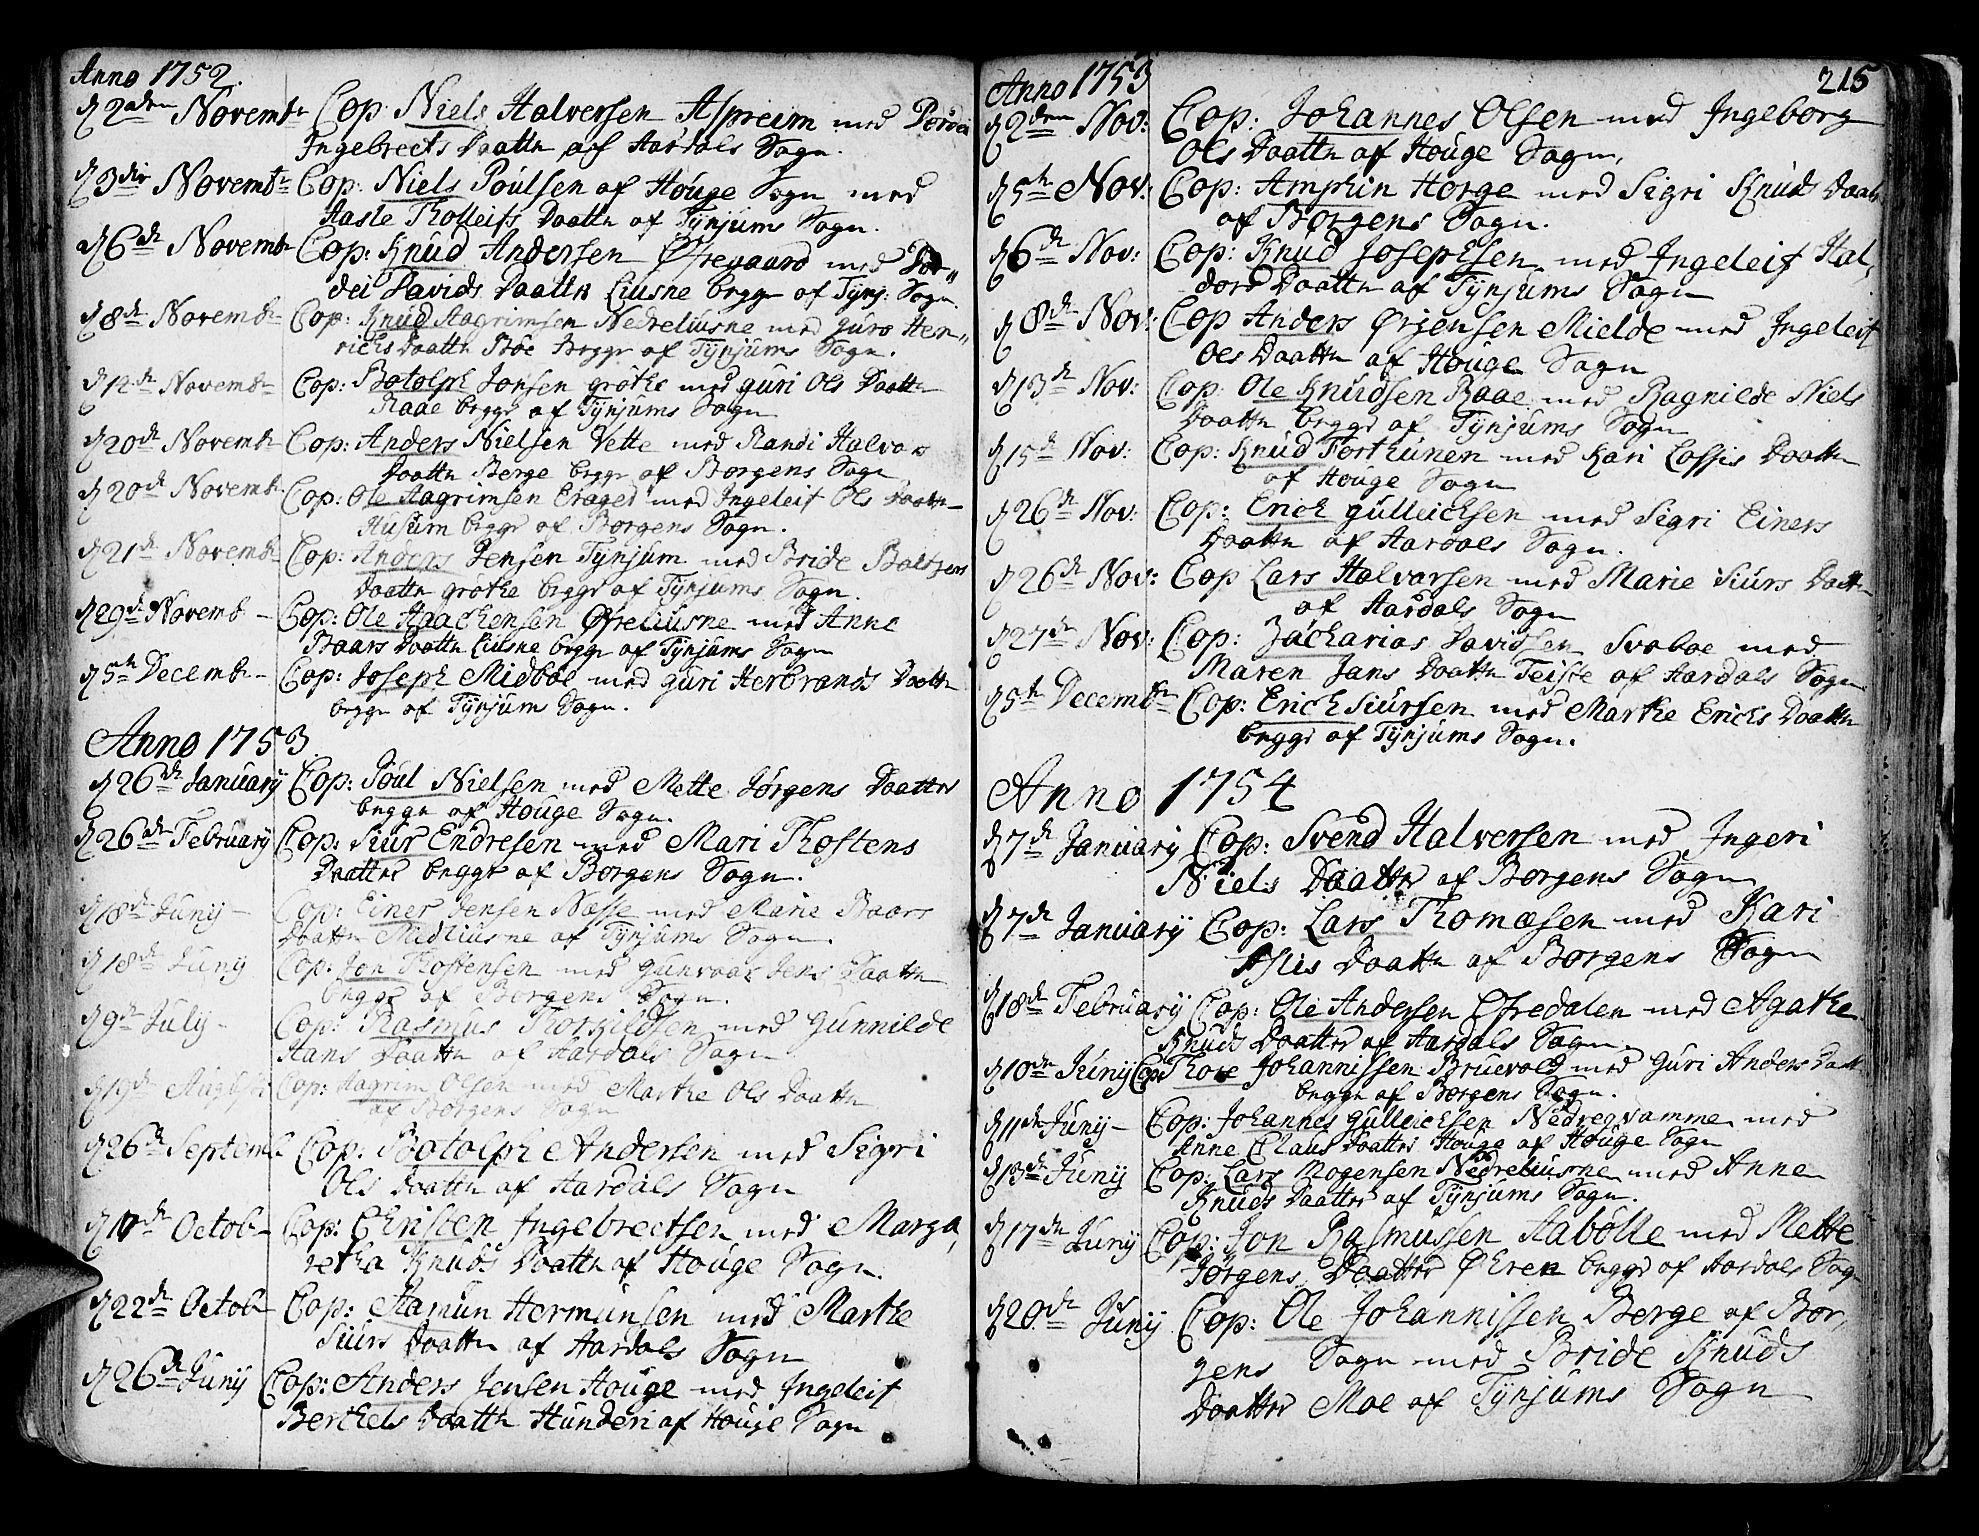 SAB, Lærdal sokneprestembete, Ministerialbok nr. A 2, 1752-1782, s. 215